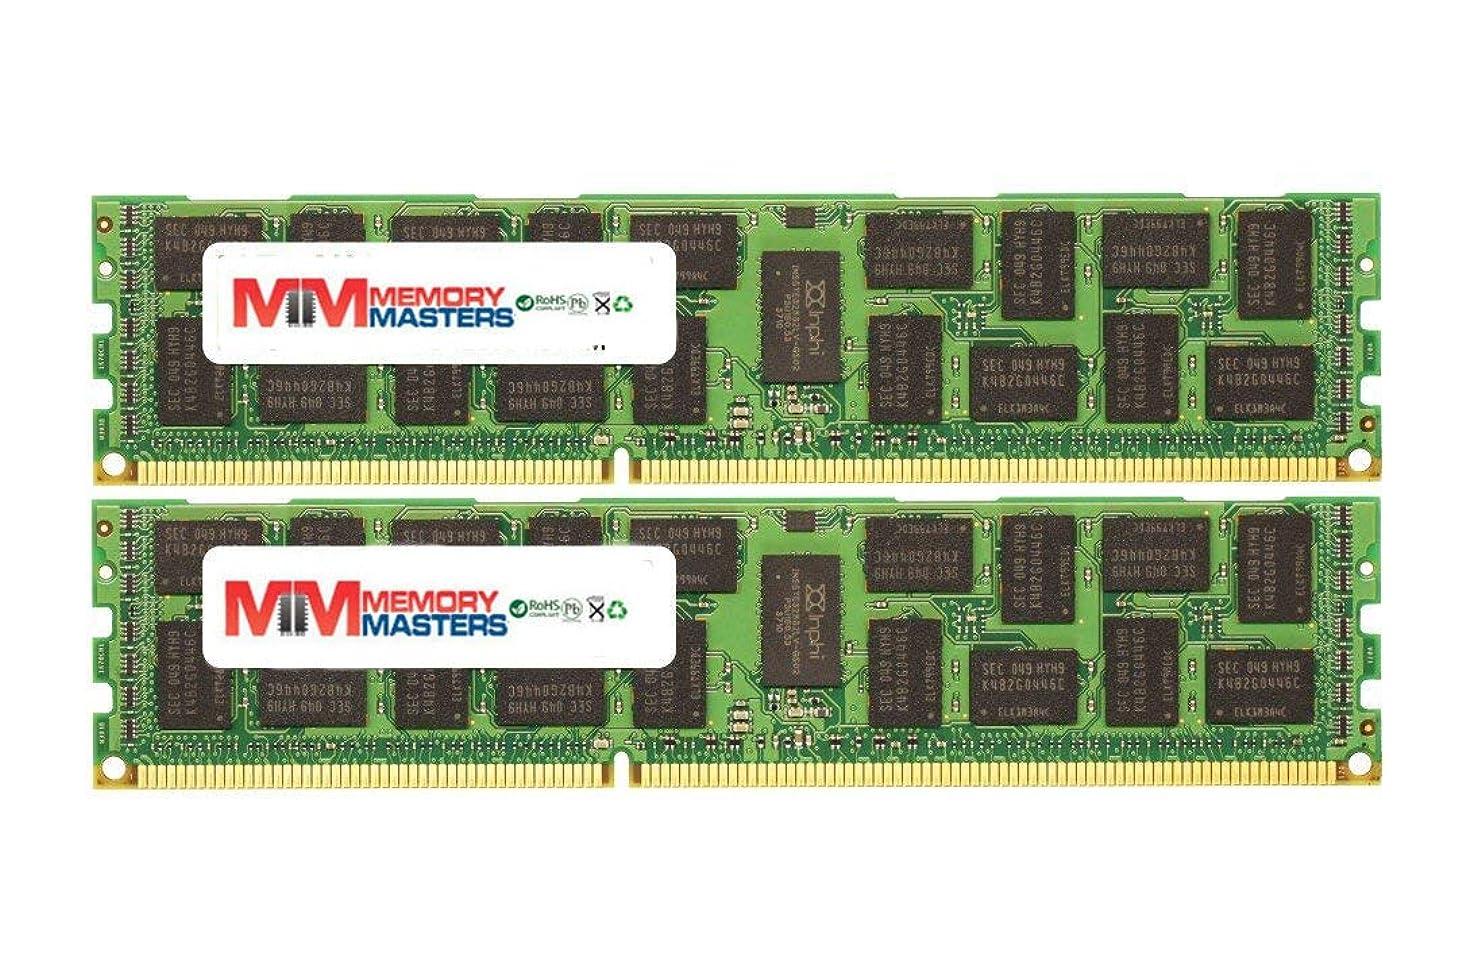 脈拍ちっちゃいメドレー16GB 2X8GB メモリー RAM 適合機種: PowerEdge M820 DDR3 ECC Registered RDIMM 240pin PC3-6400 800MHz MemoryMasters メモリ モジュール アップグレード